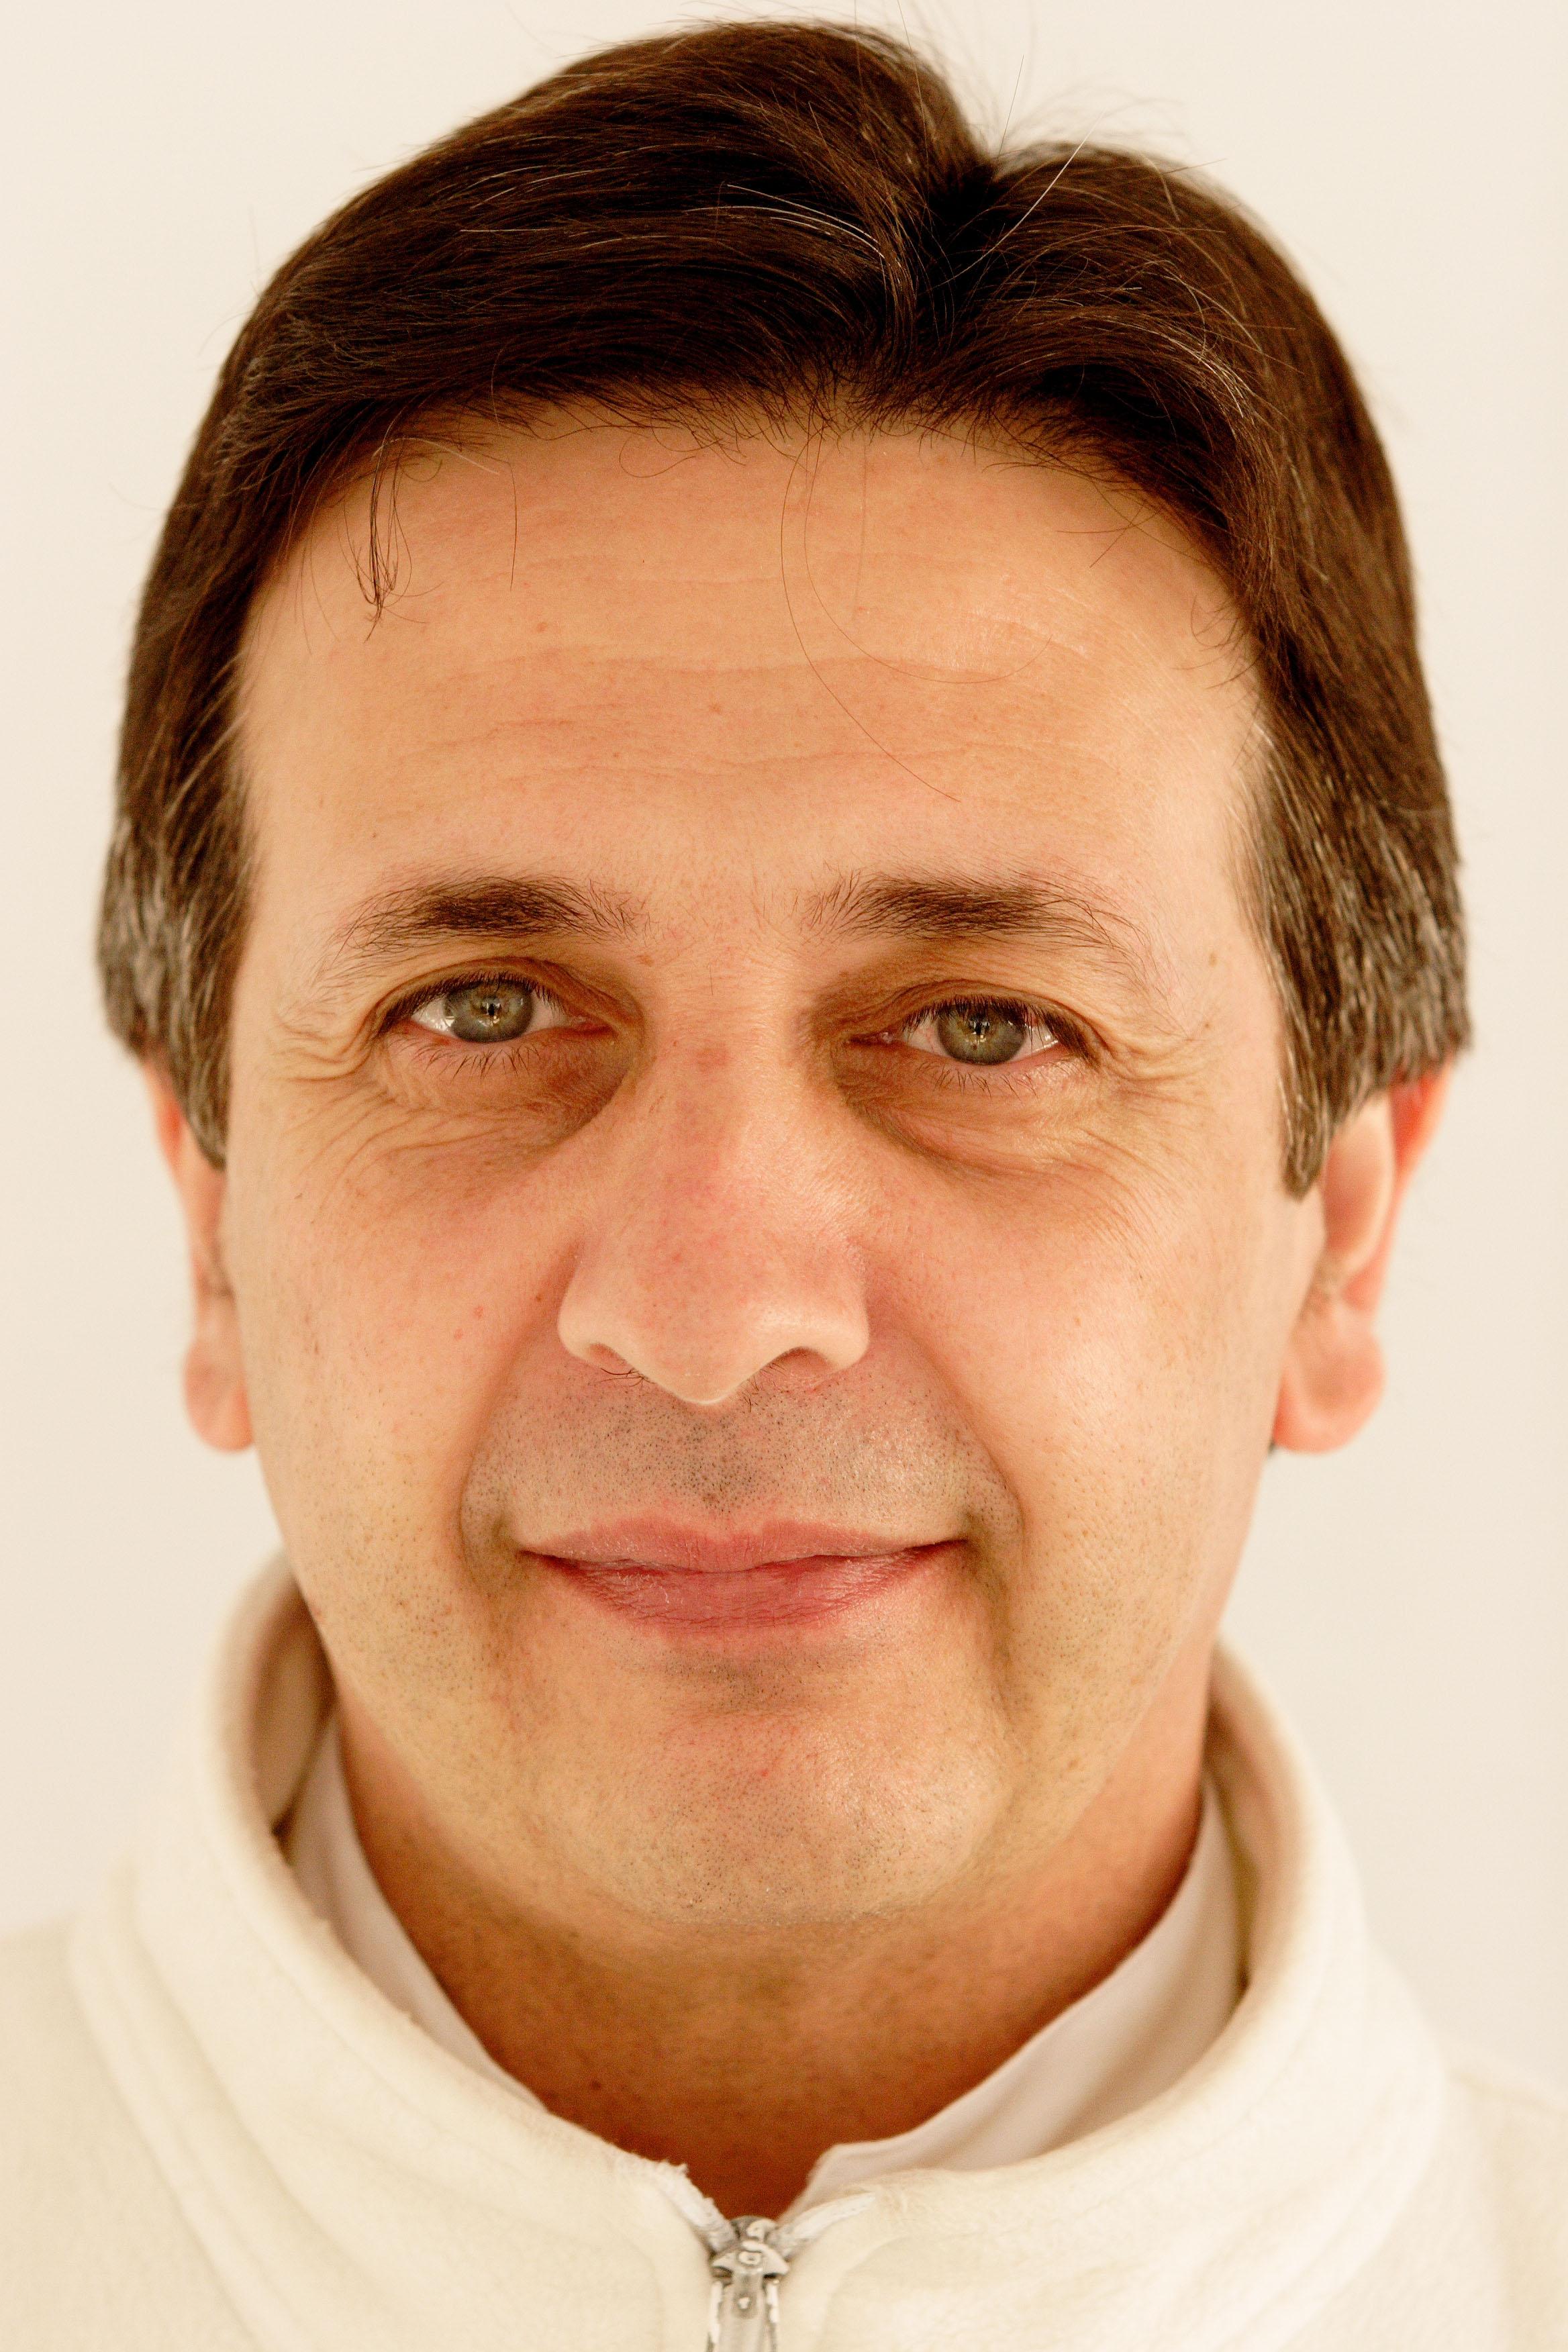 Antony Strano